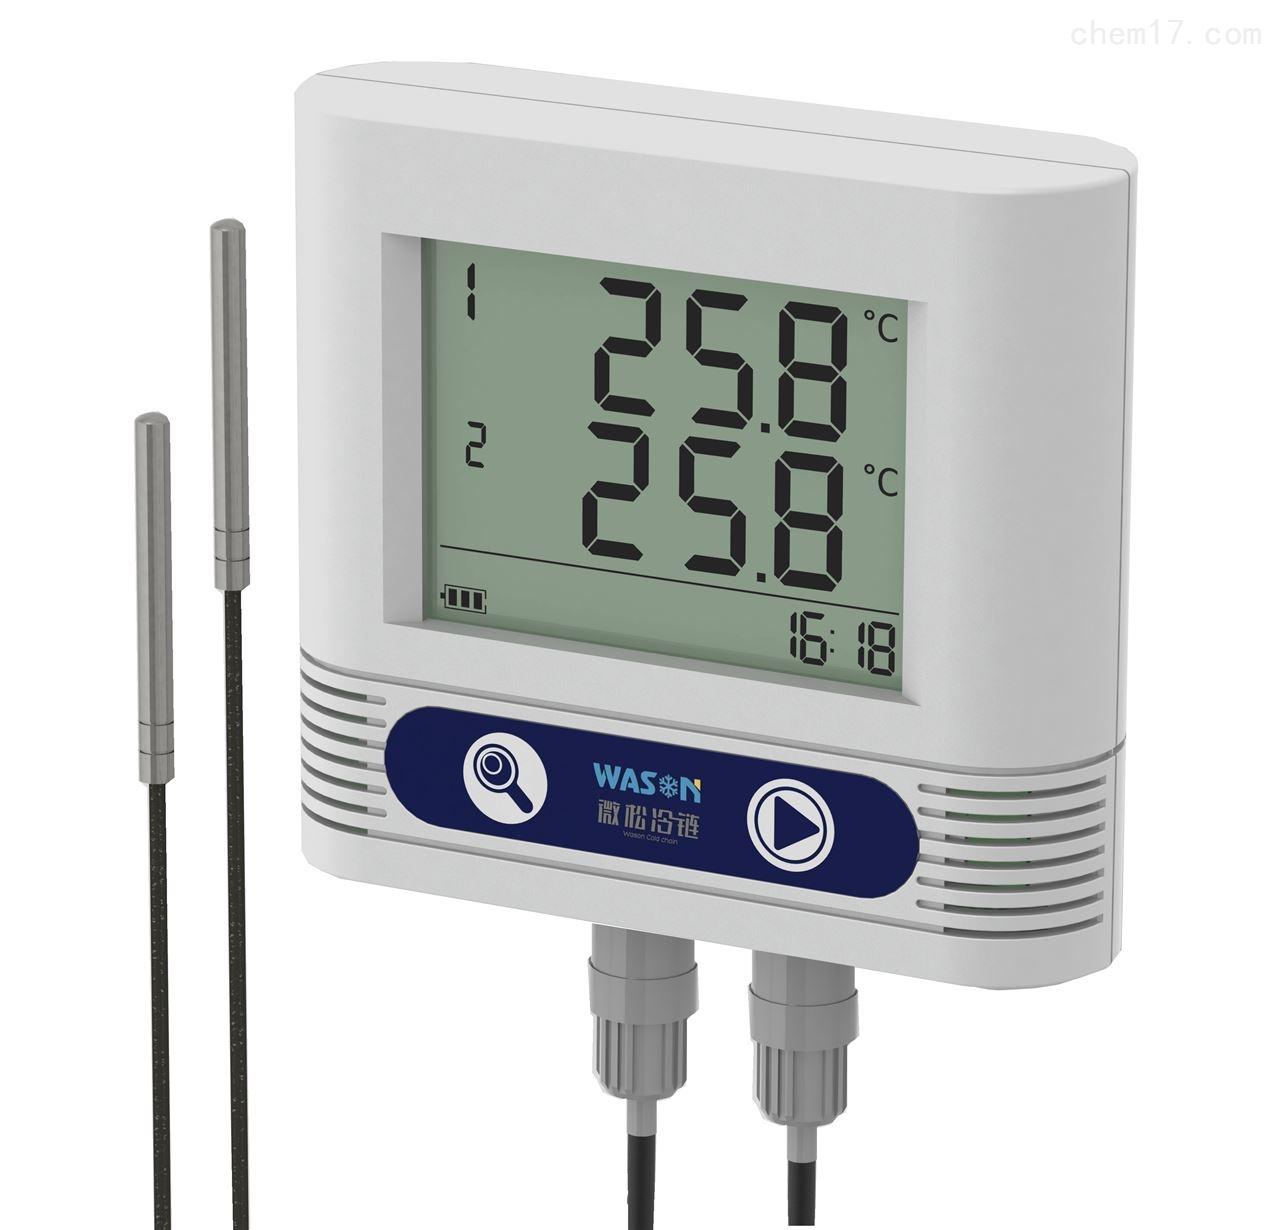 C3系列大屏幕双通道智能温度记录仪